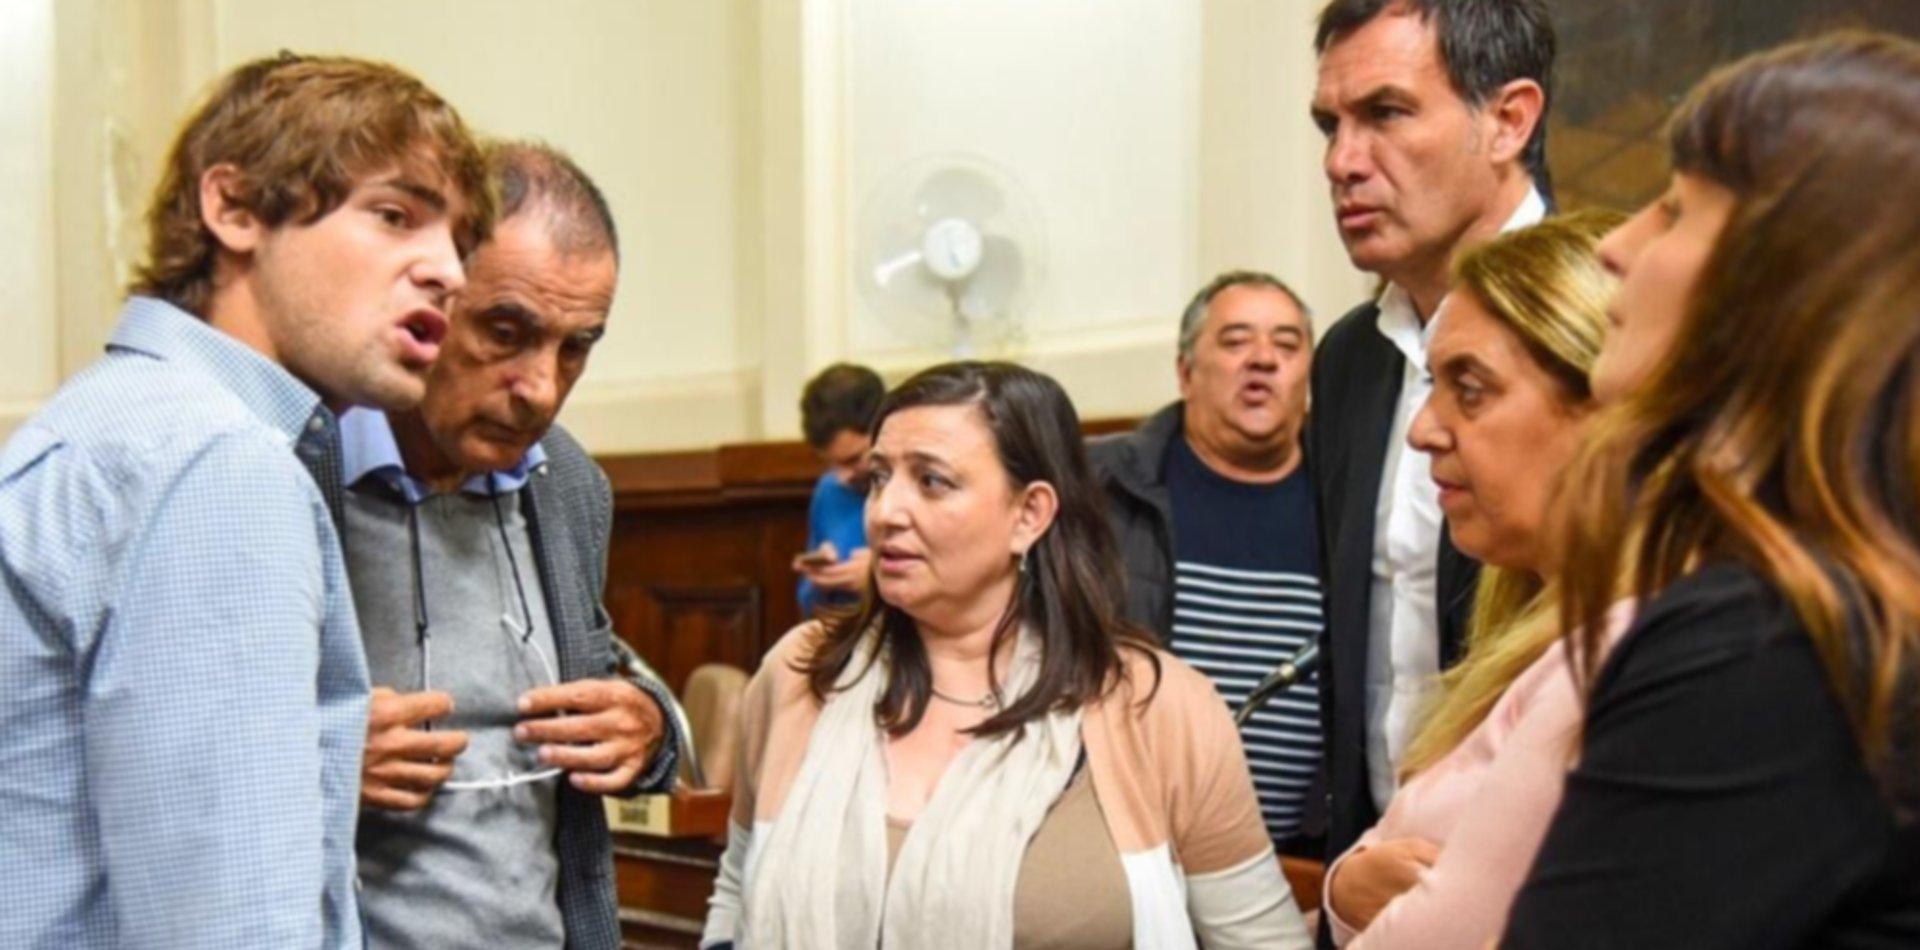 Se reaviva la polémica: concejales opositores piden volver a sesionar todas las semanas